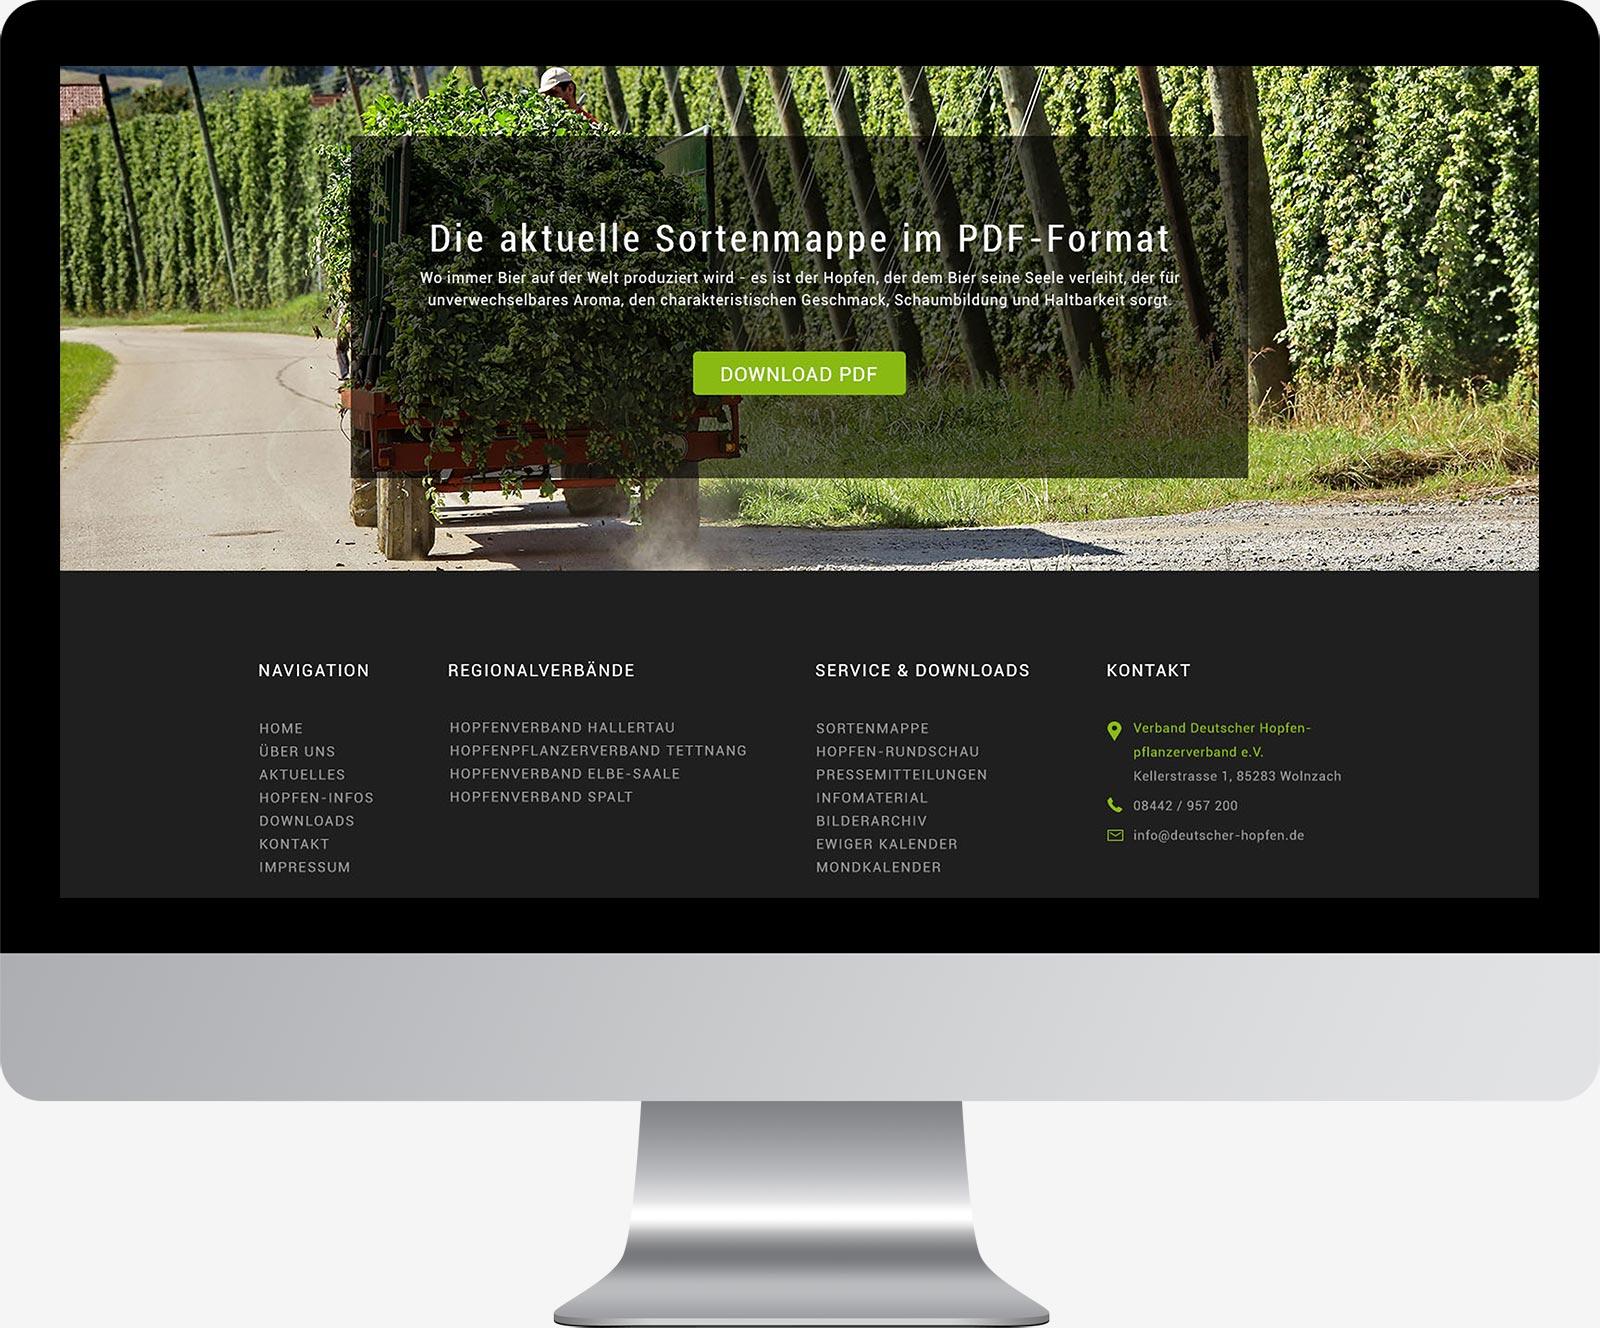 Webdesign Dachau - Deutscher Hopfenverband